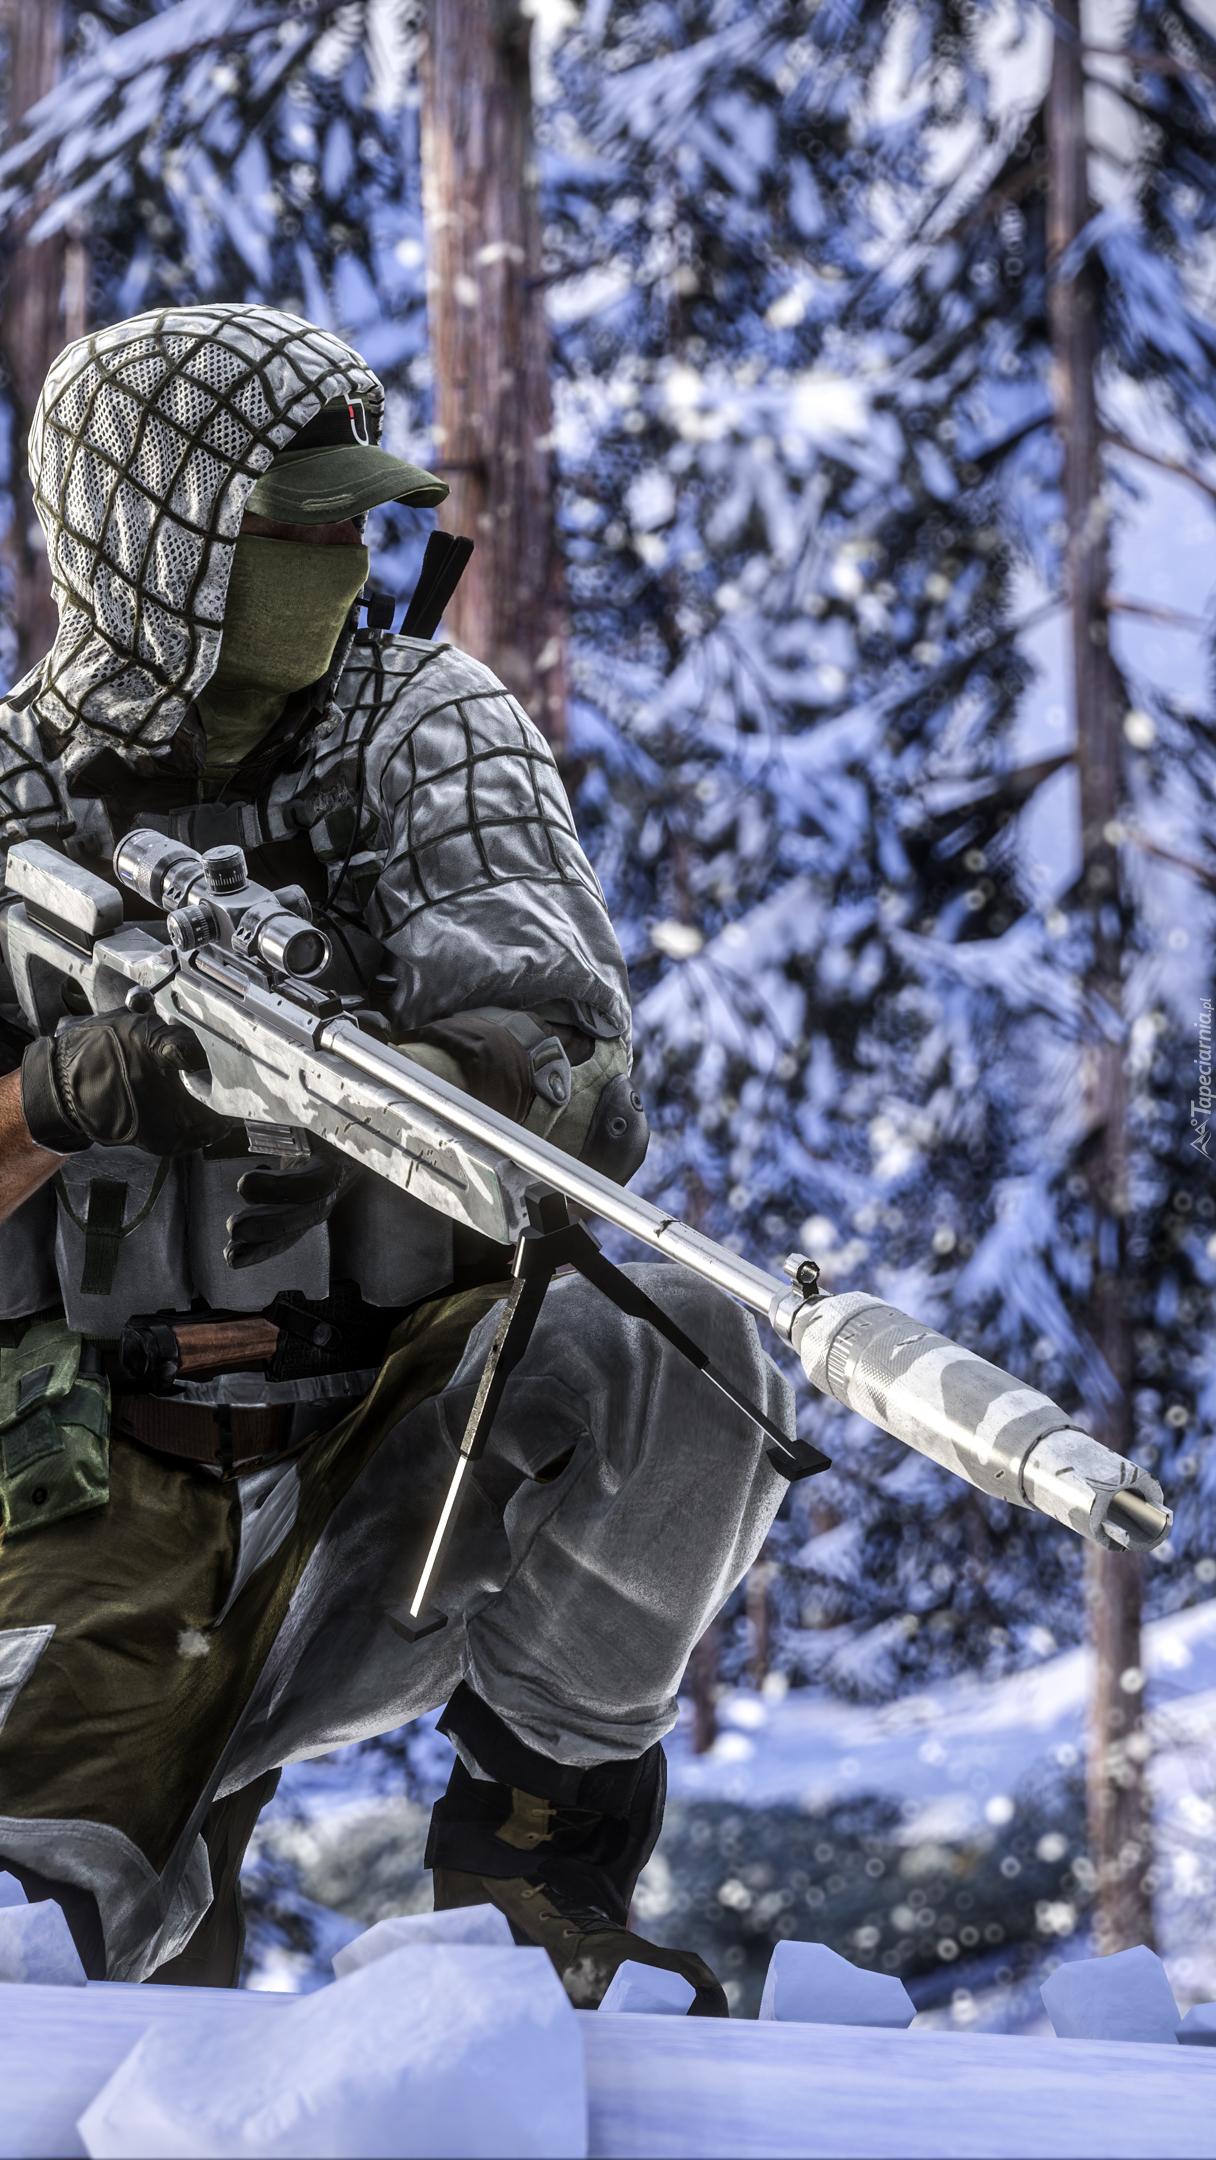 Snajper z gry Battlefield 4